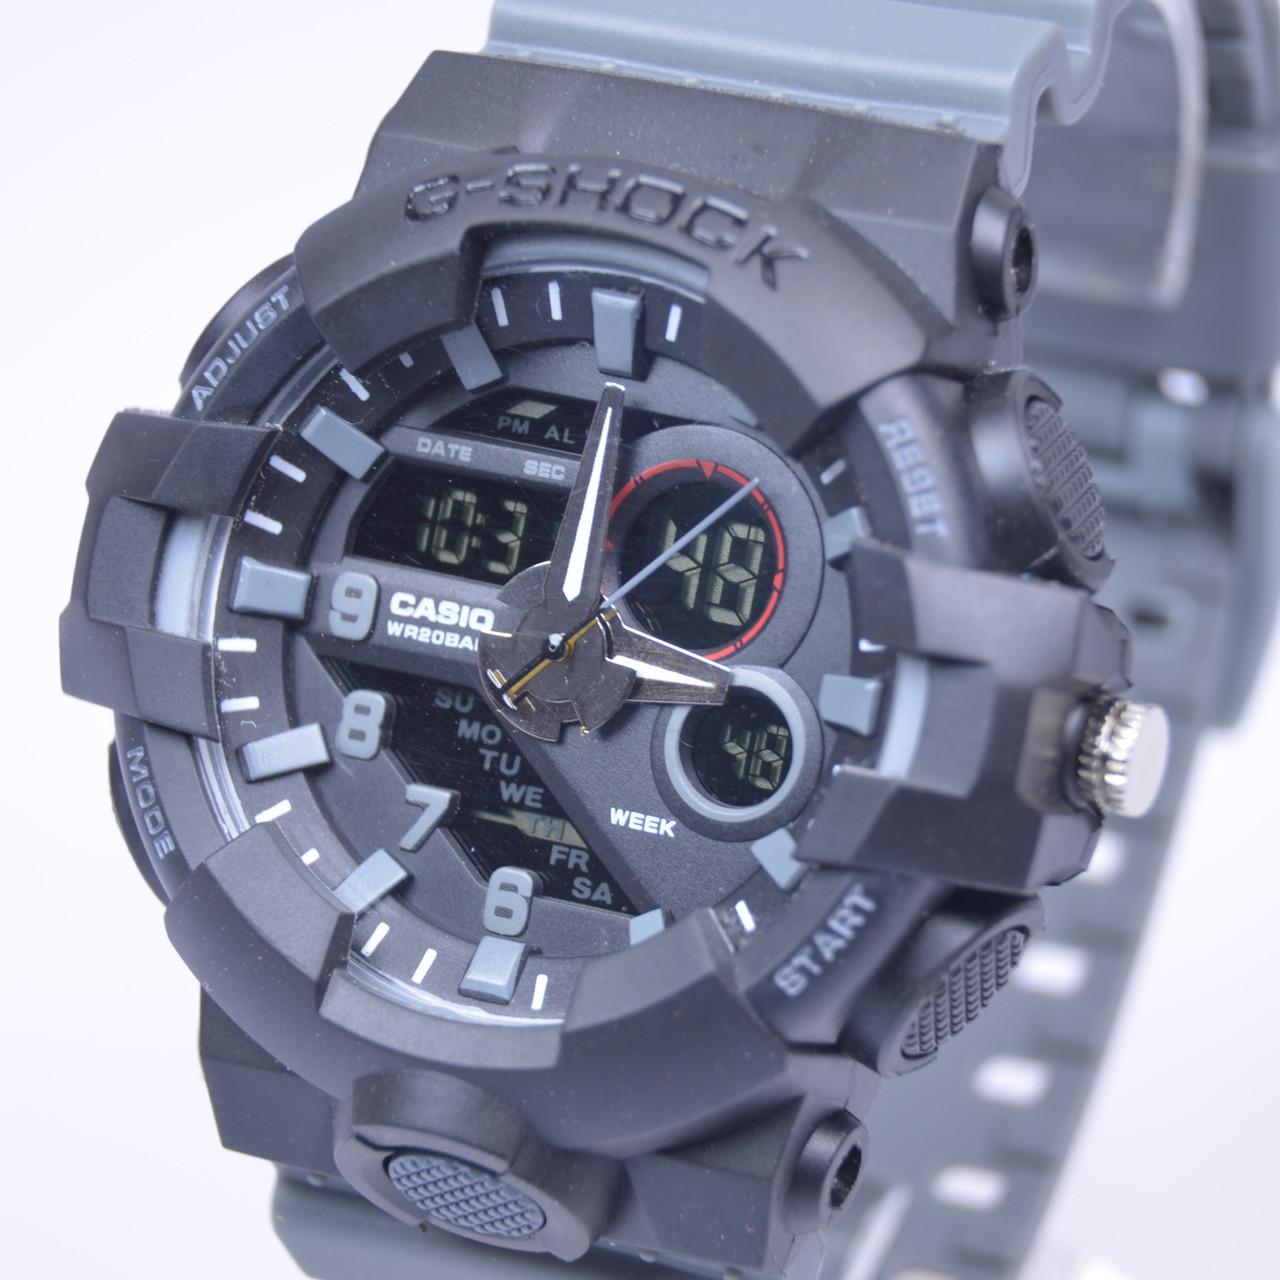 8de0df13 Мужские наручные часы Casio G-SHOCK GA-700 (копия): продажа, цена в ...